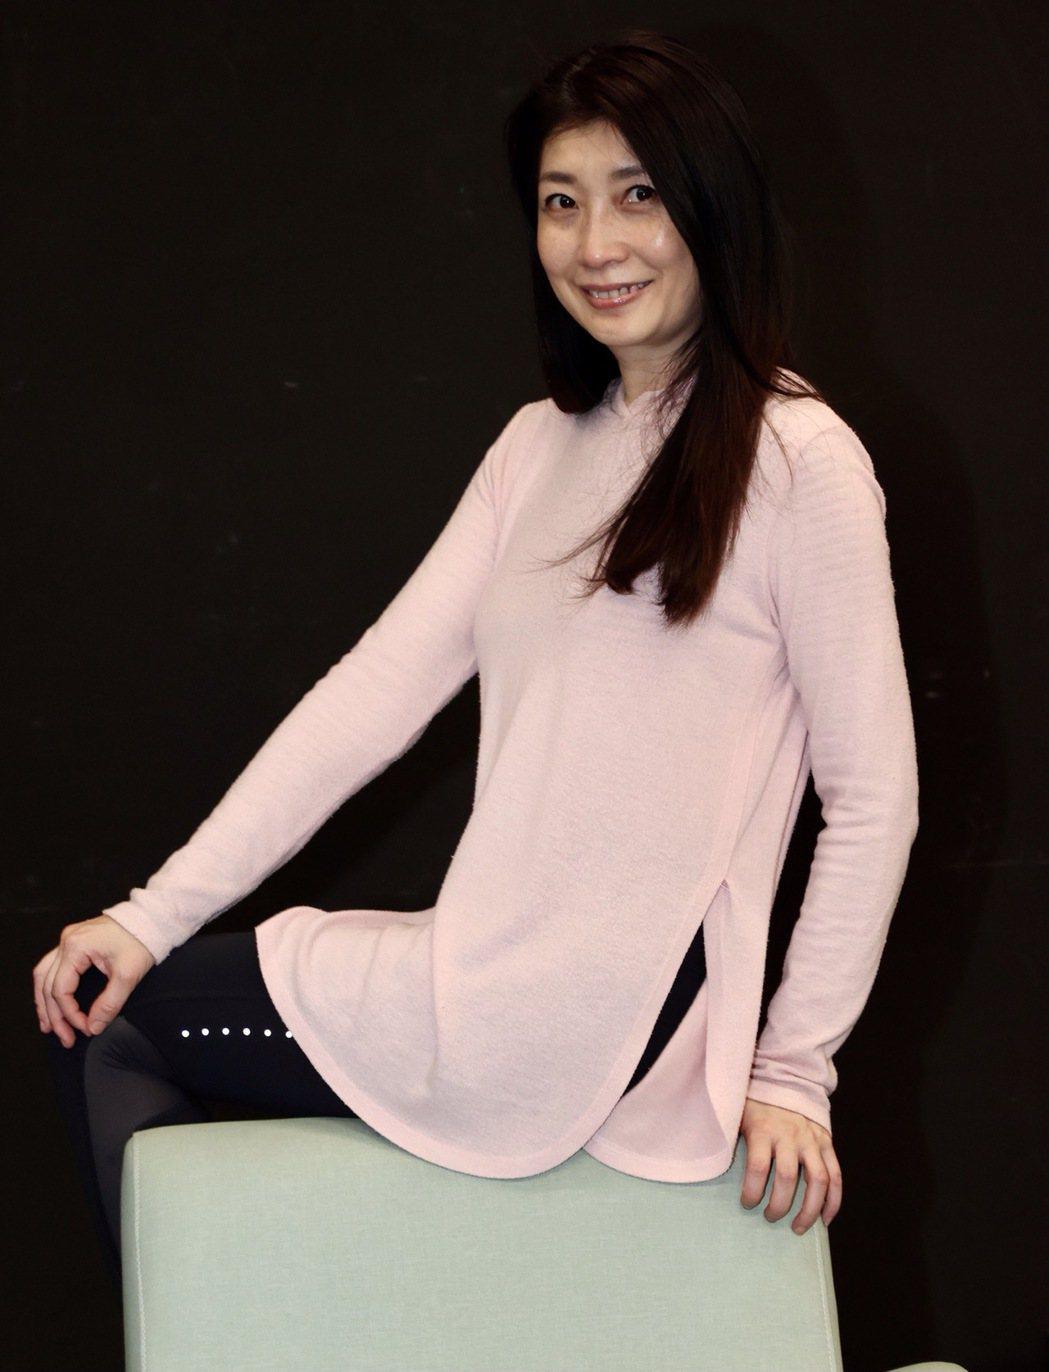 黃嘉千主演故事工廠舞台劇「暫時停止青春」,意境式的肉體關係,讓她演來「頭很痛」。...